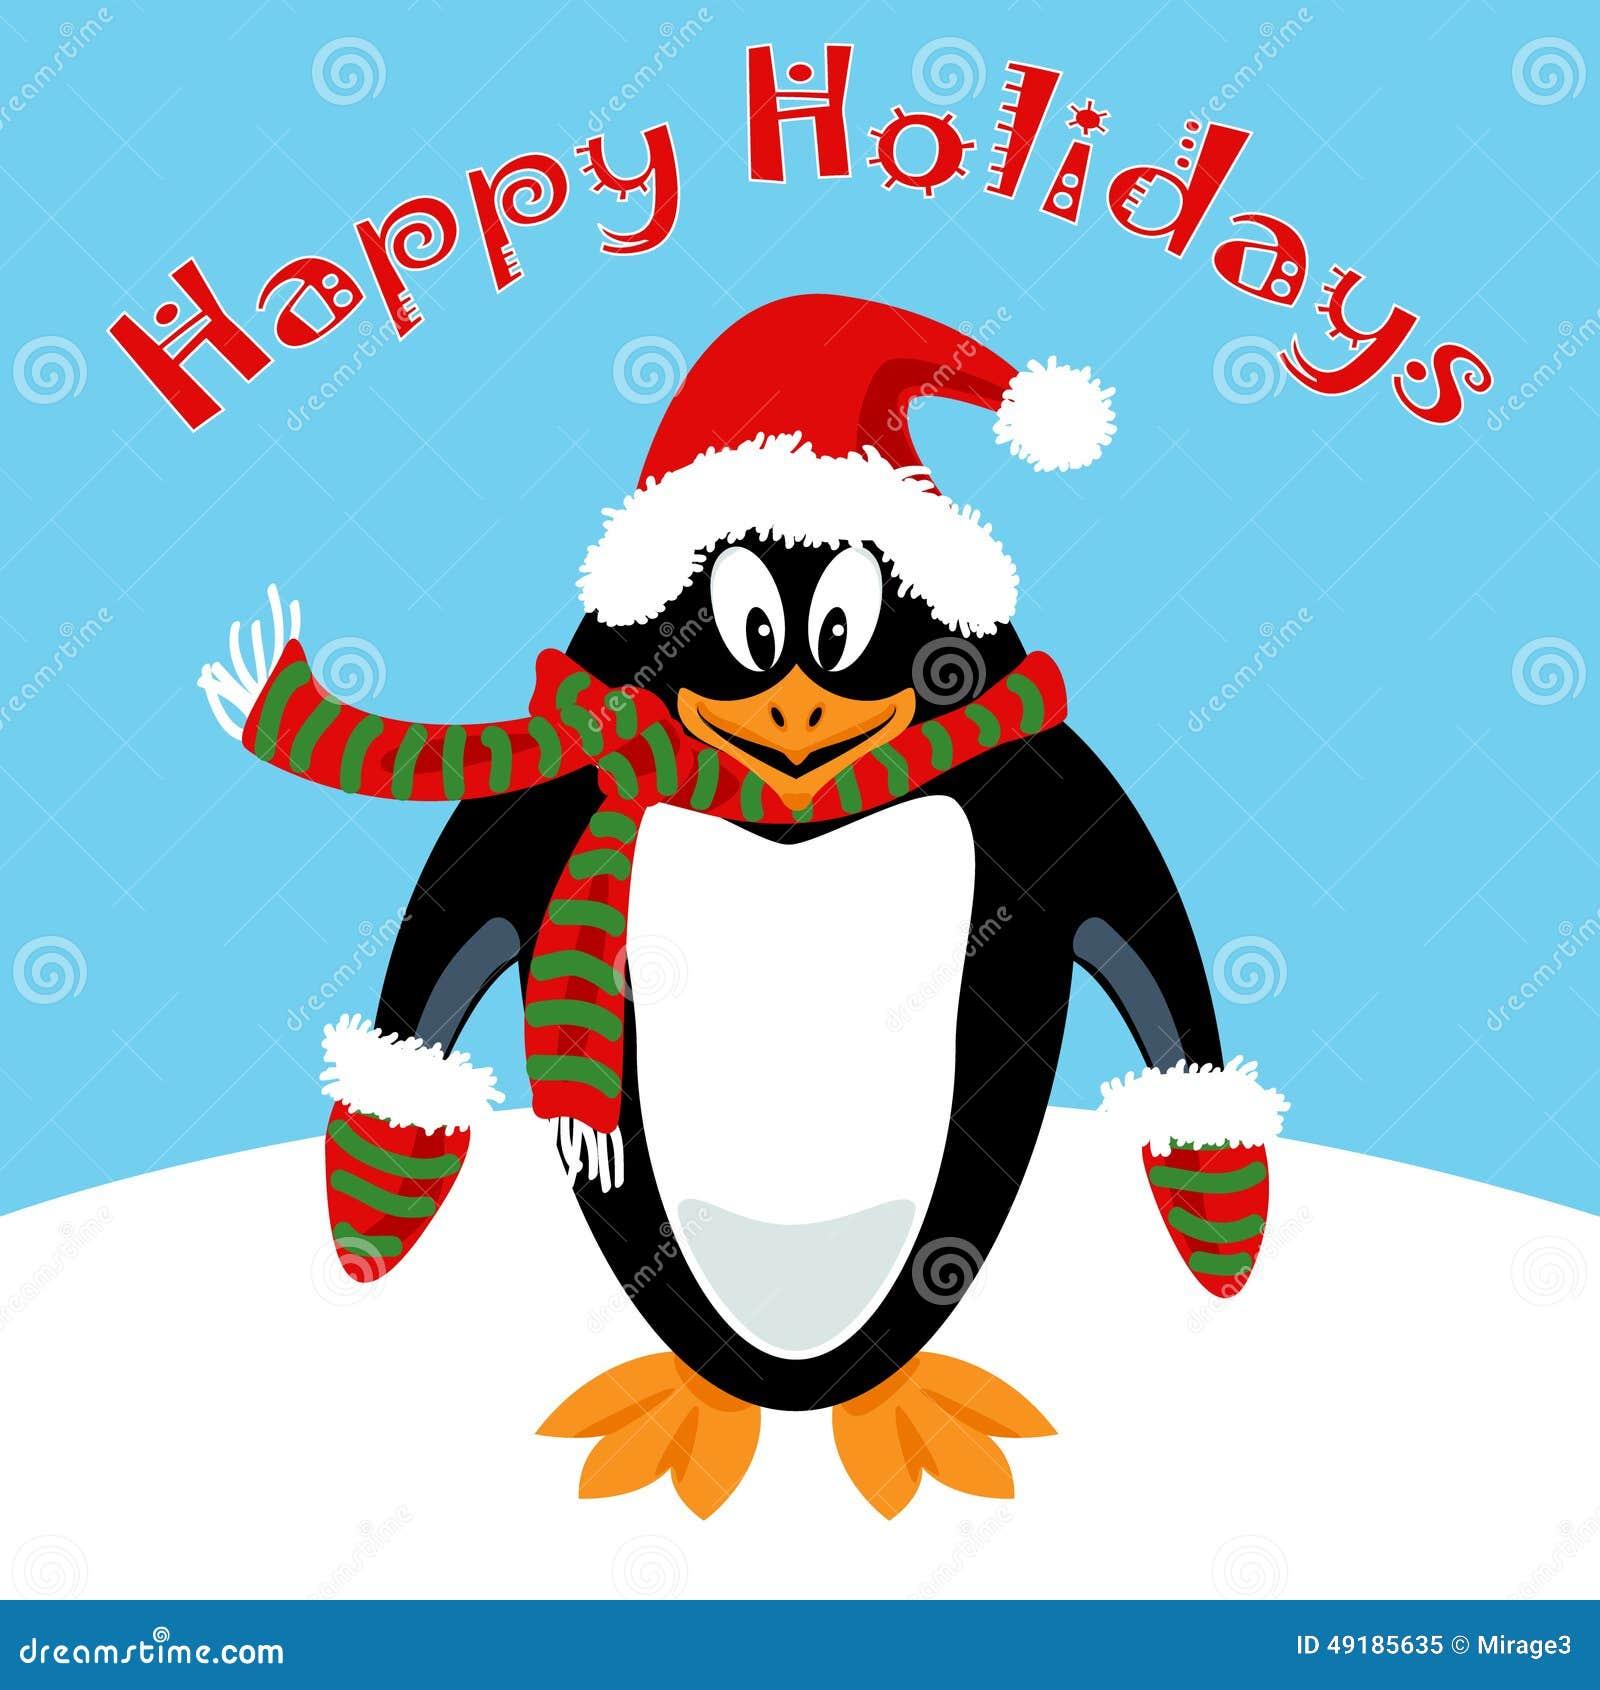 cartoon penguin holiday card stock vector - Holiday Cartoons Free